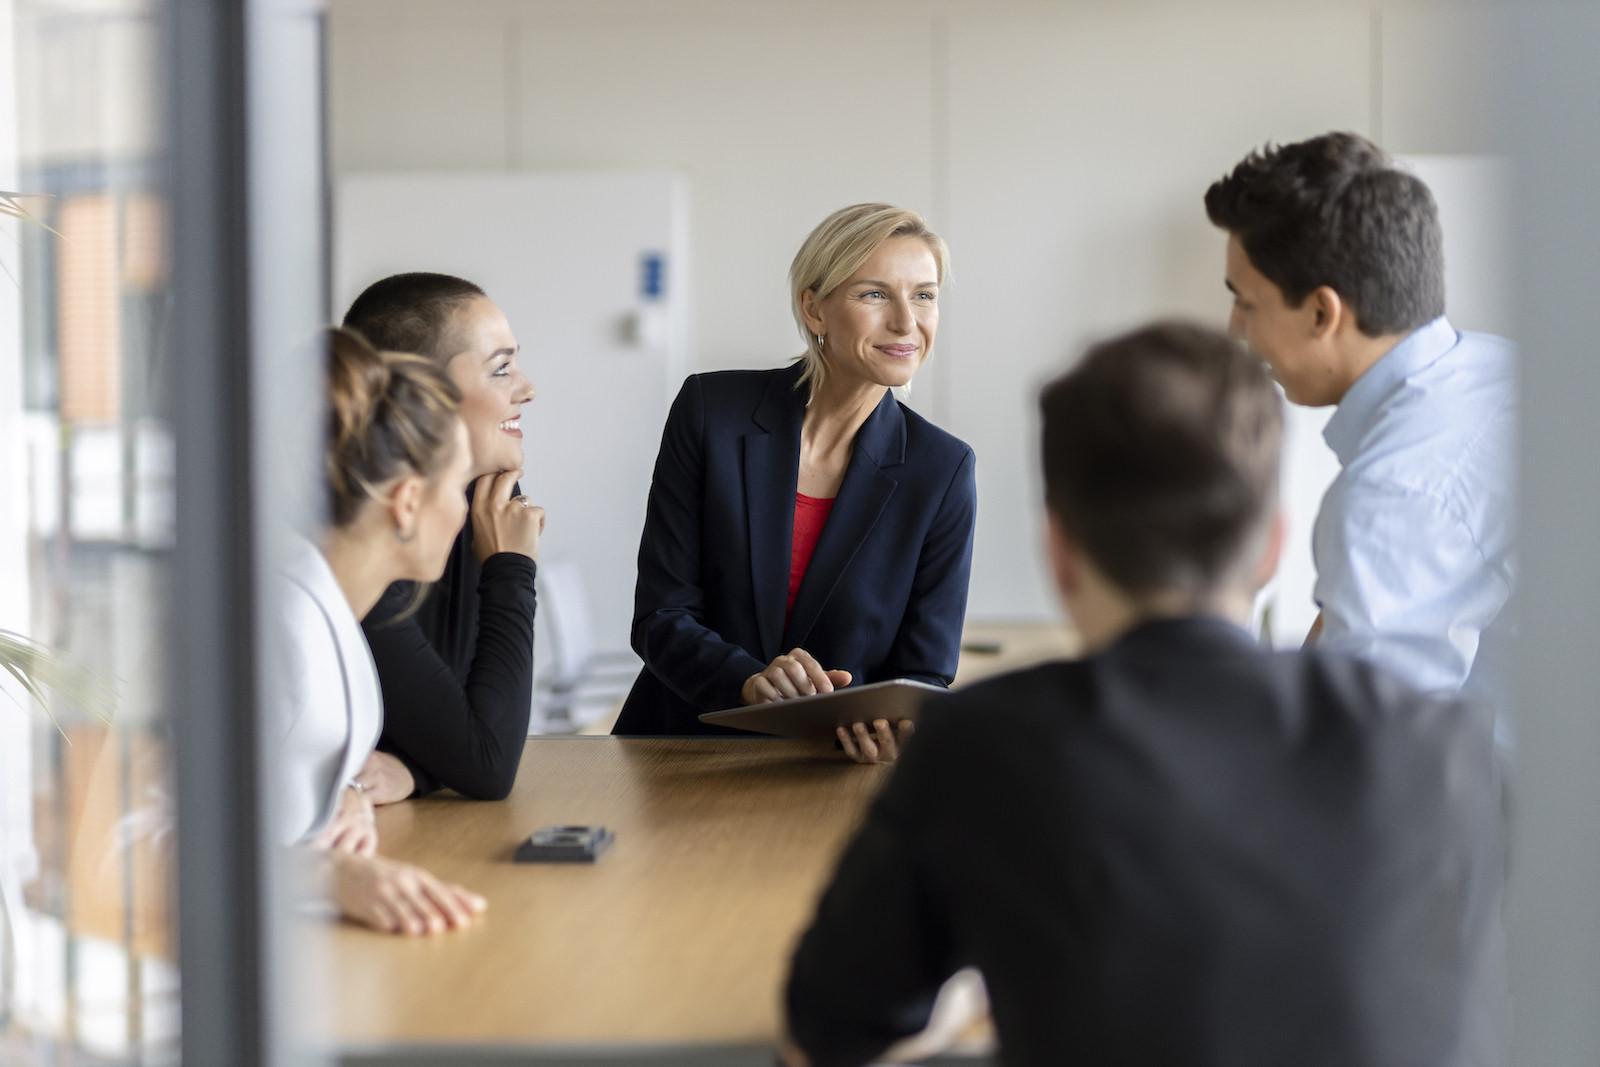 casual relaxed weibliche Führungskraft mit Trainees im Meeting